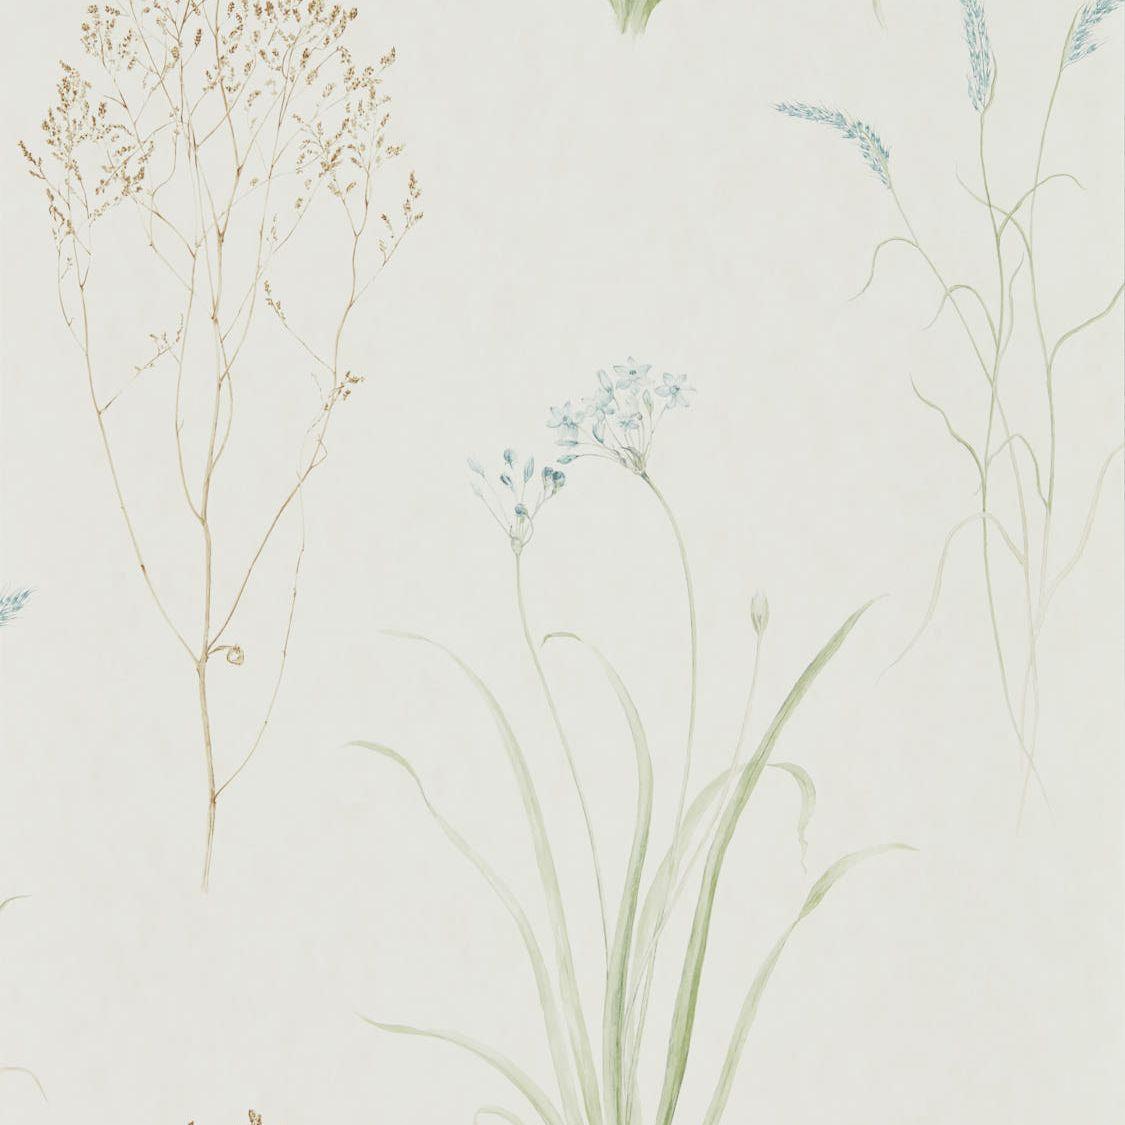 sanderson farne grasses